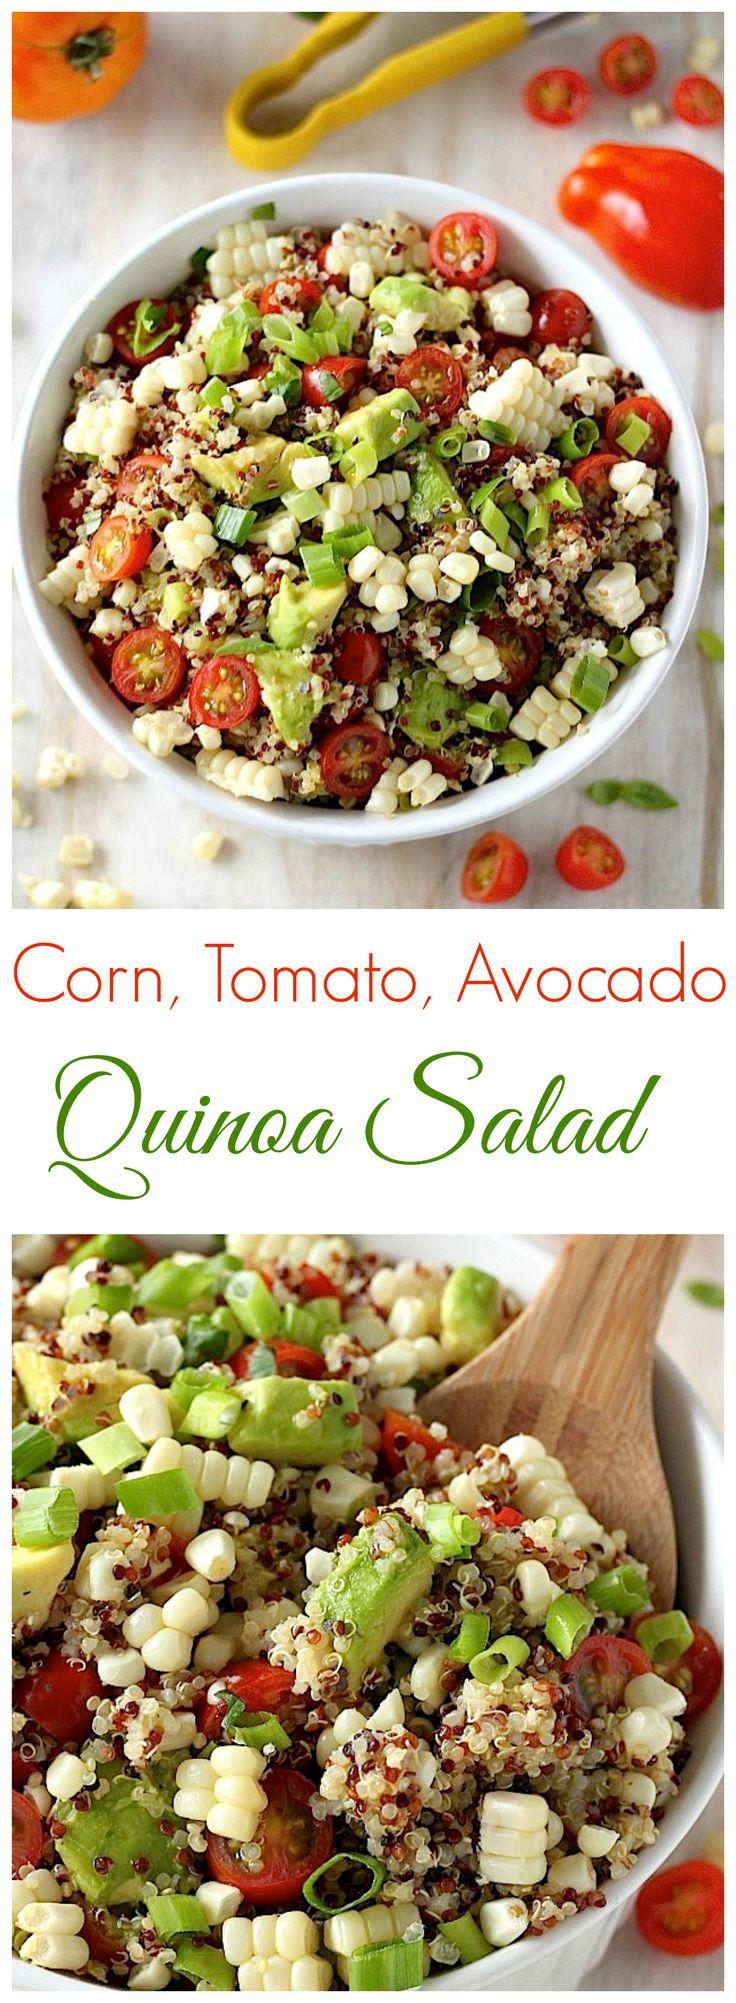 Fresh and Healthy! Corn, Tomato, and Avocado Quinoa Salad - so so delicious!!!